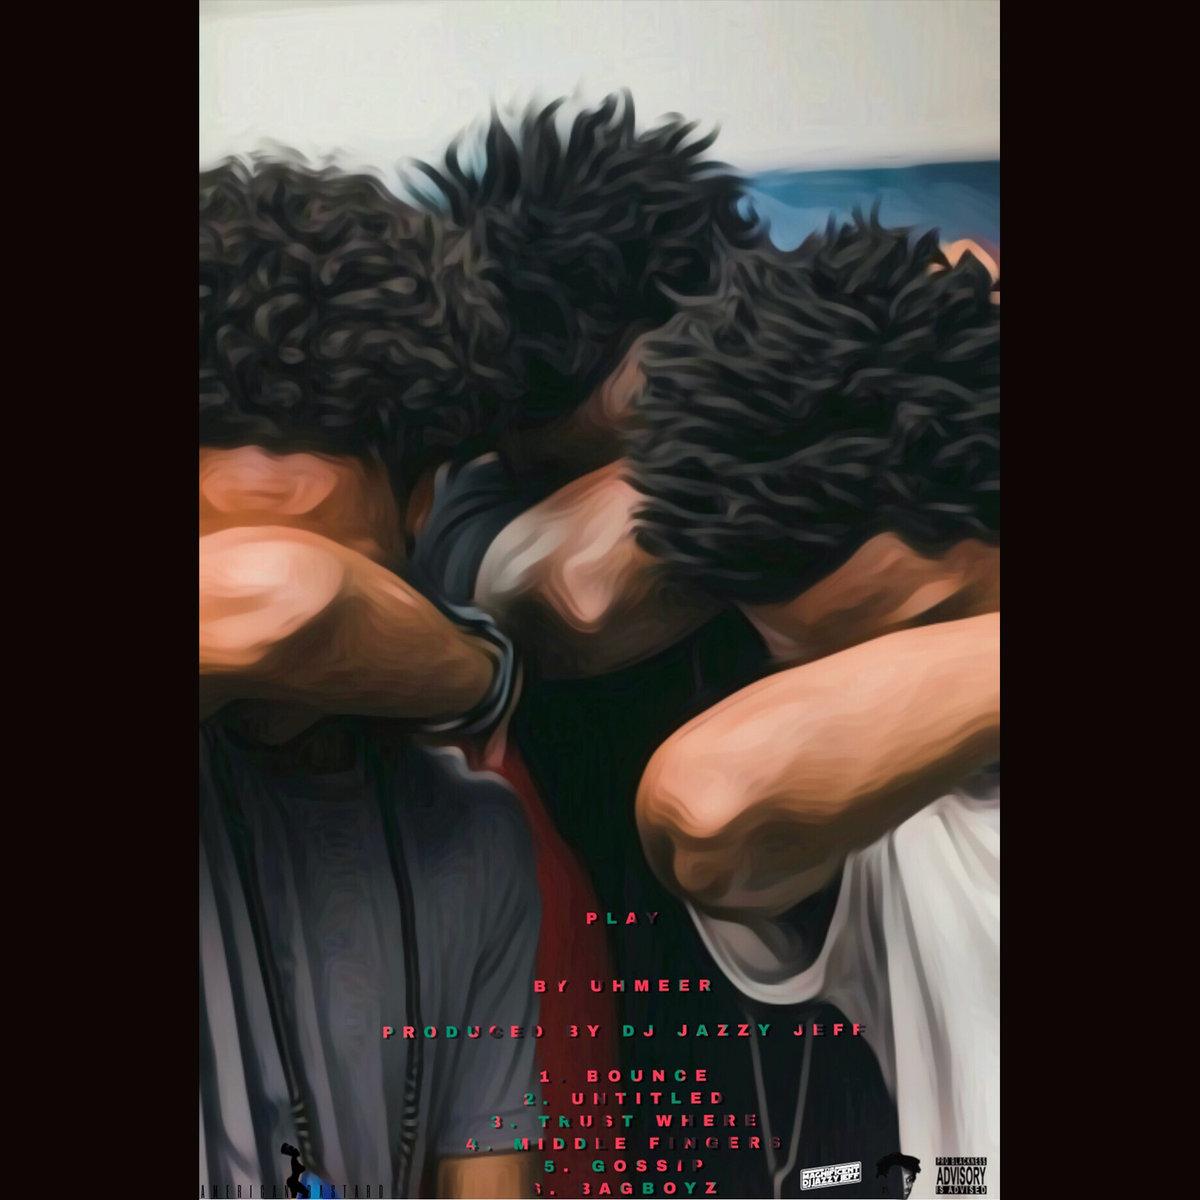 PLAY von UHMEER | Der Sohn von DJ Jazzy Jeff hat eine neue EP als Full Stream am Start